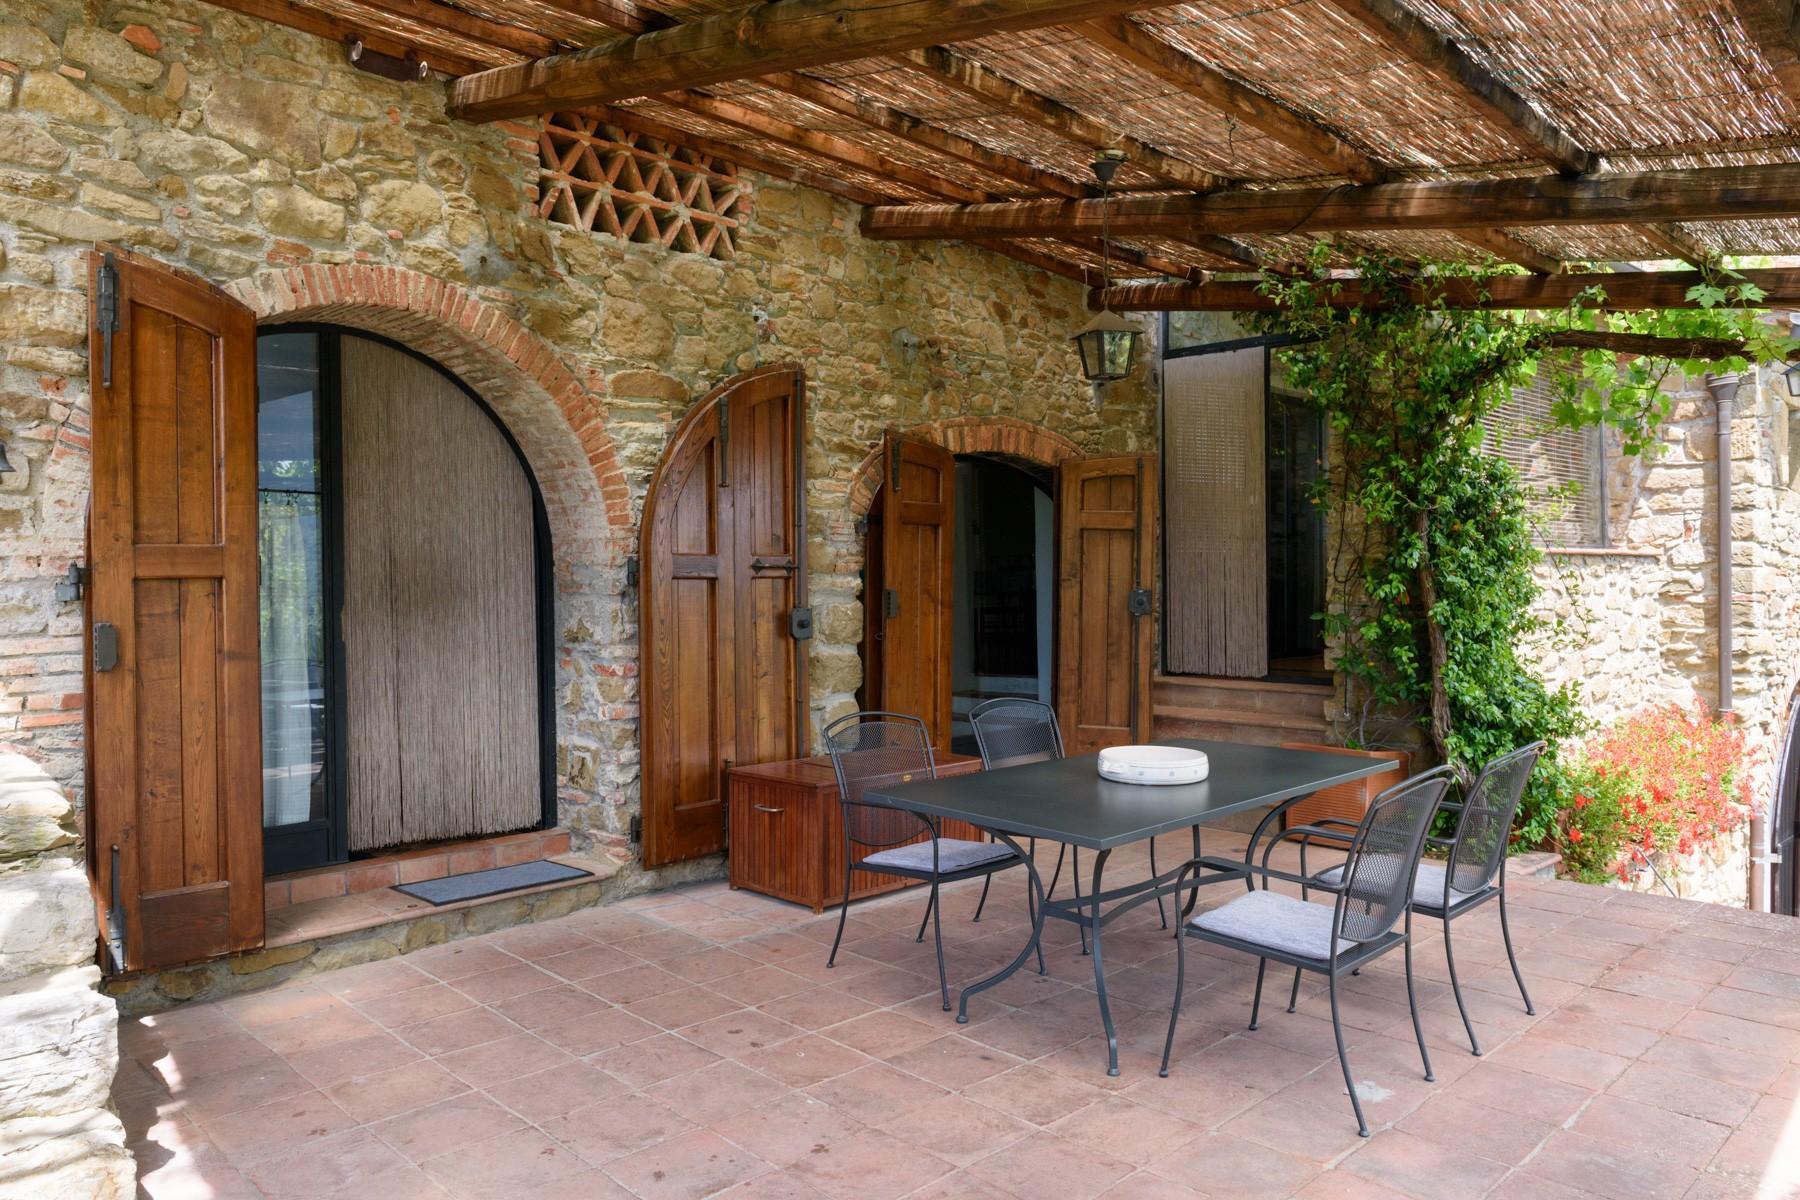 Magnificent property in Chianti Aretino - 6